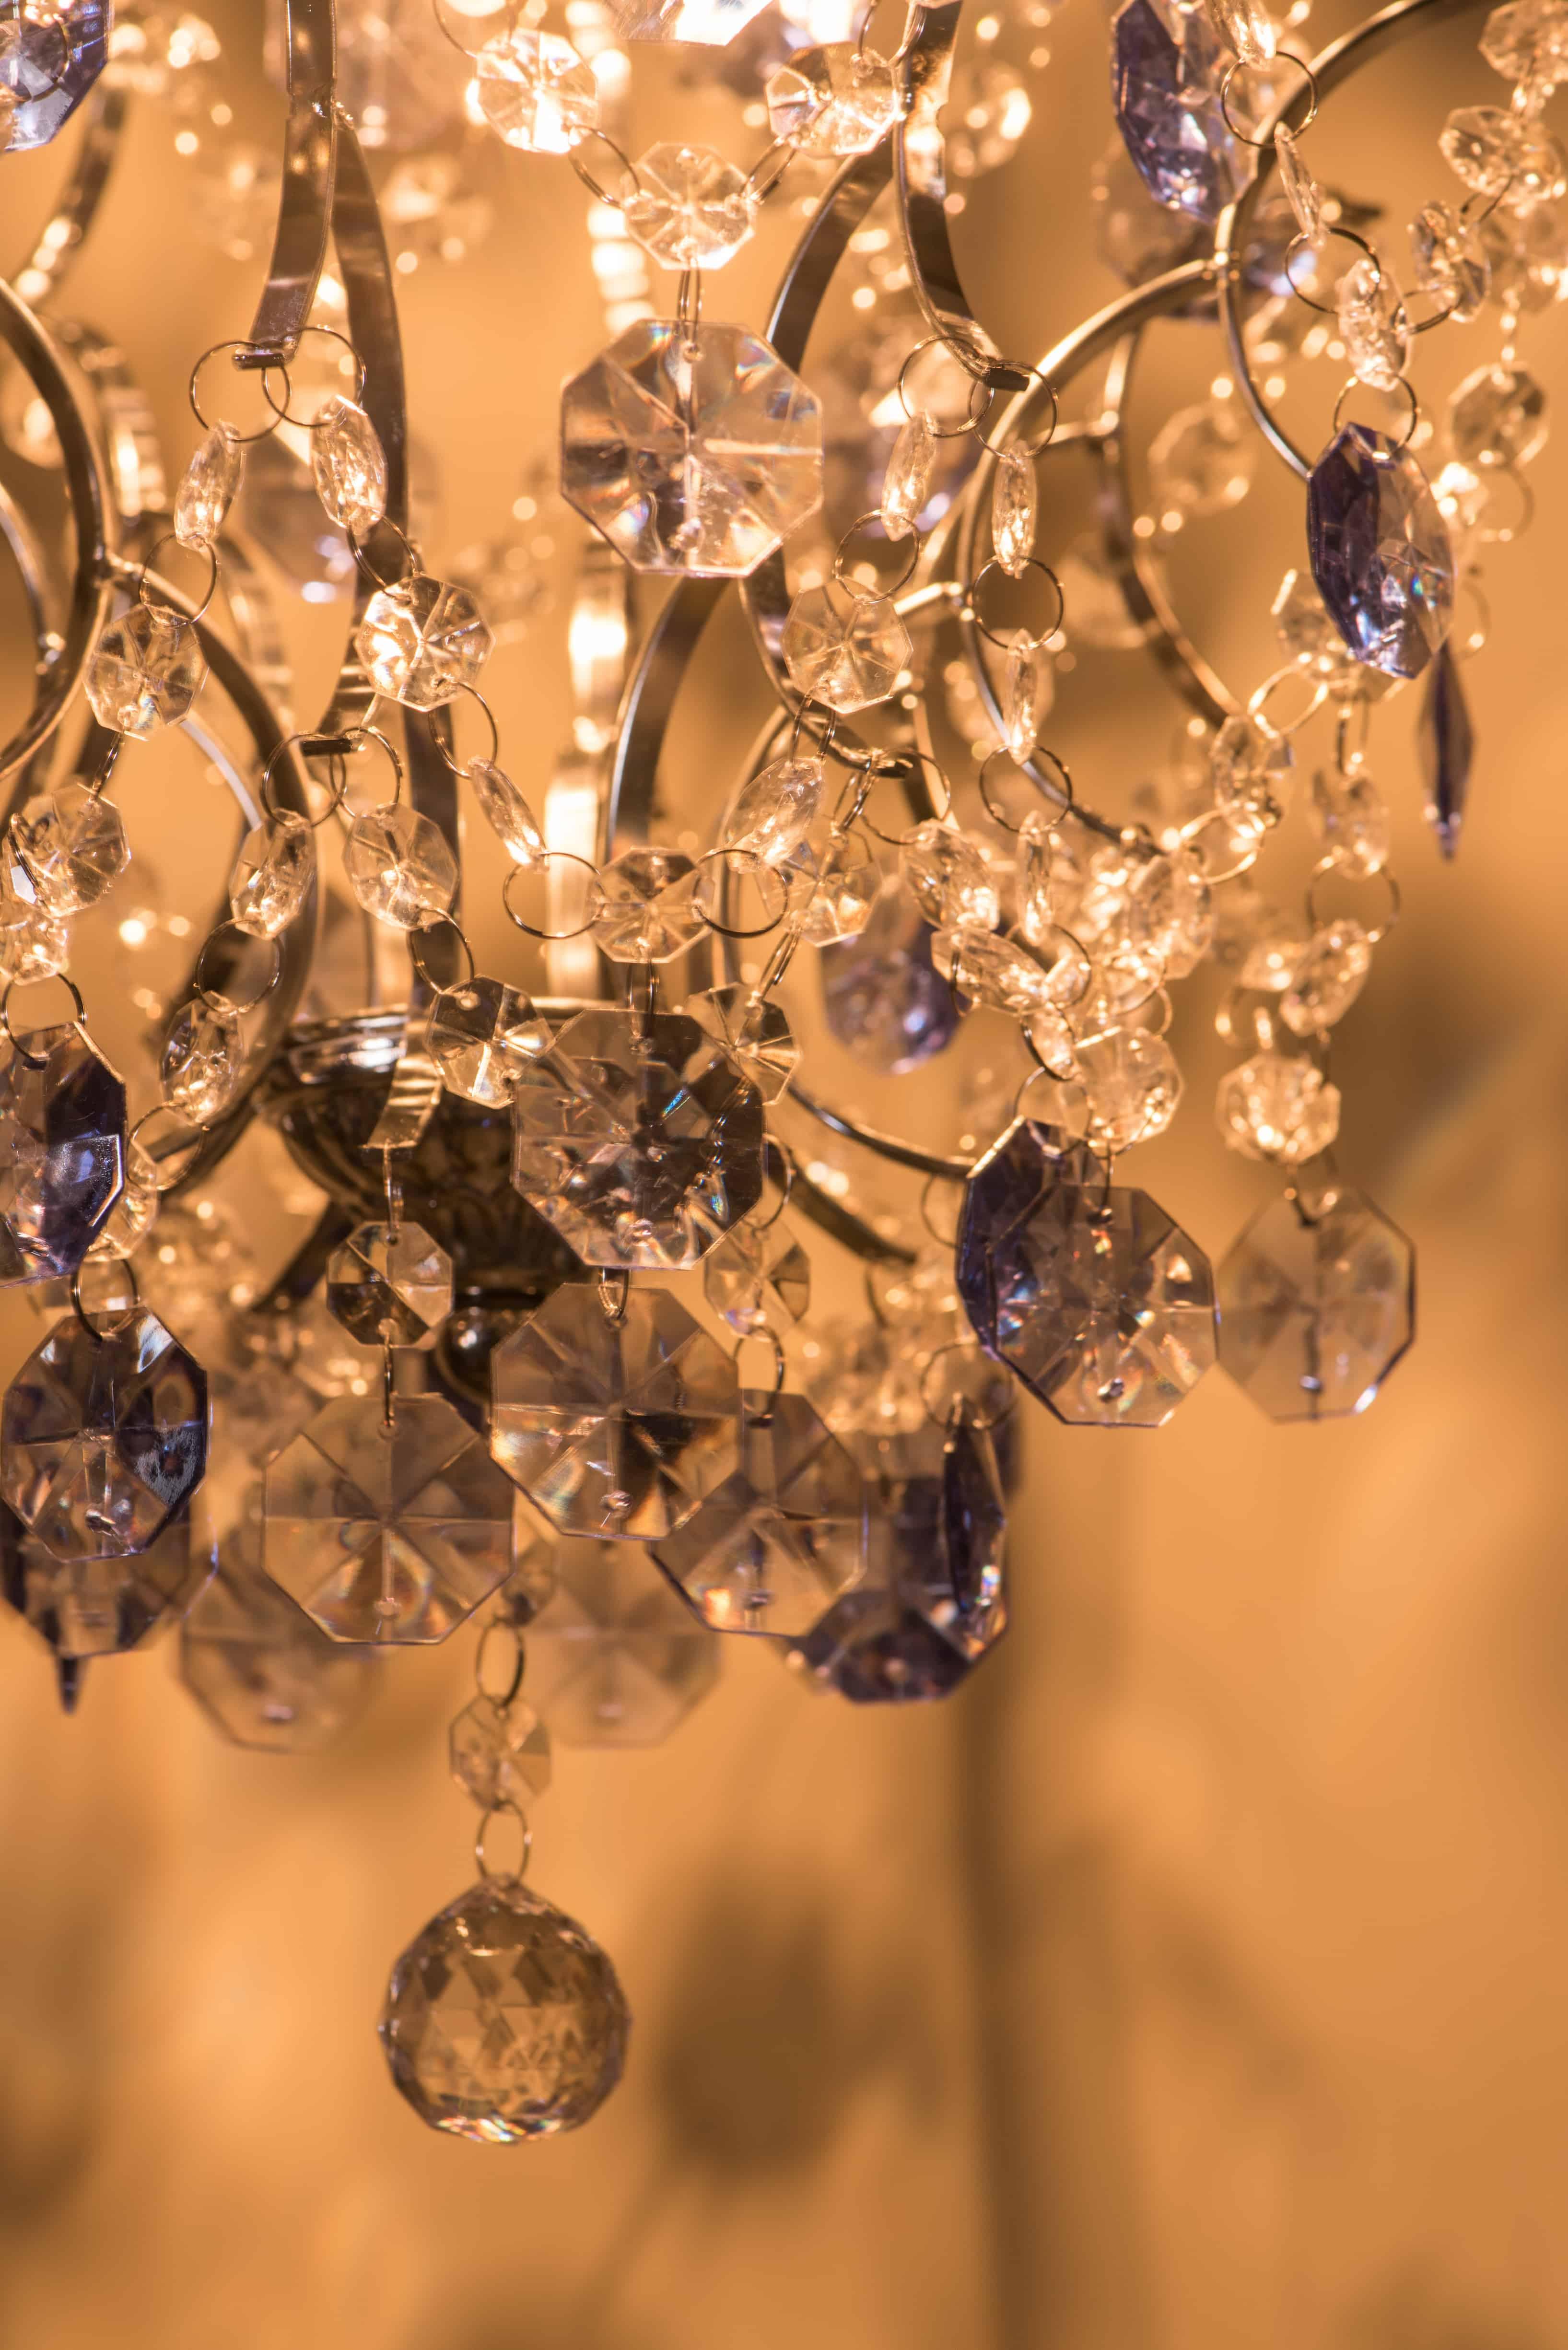 優雅鍍鉻架壓克力珠吊燈-BNL00044 5